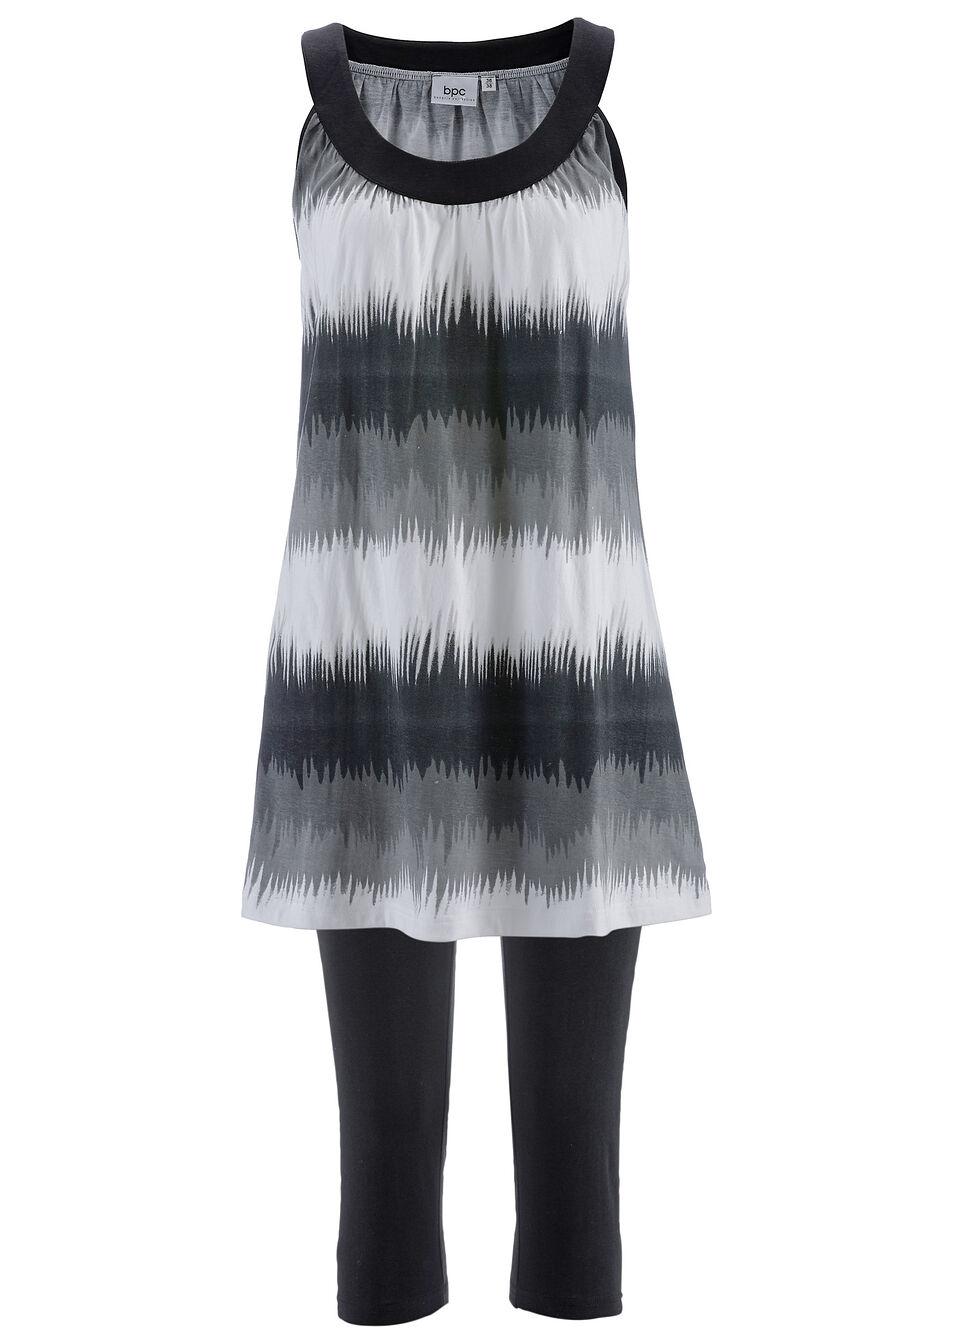 Sukienka + legginsy rybaczki (2 części) bonprix czarny w graficzny wzór